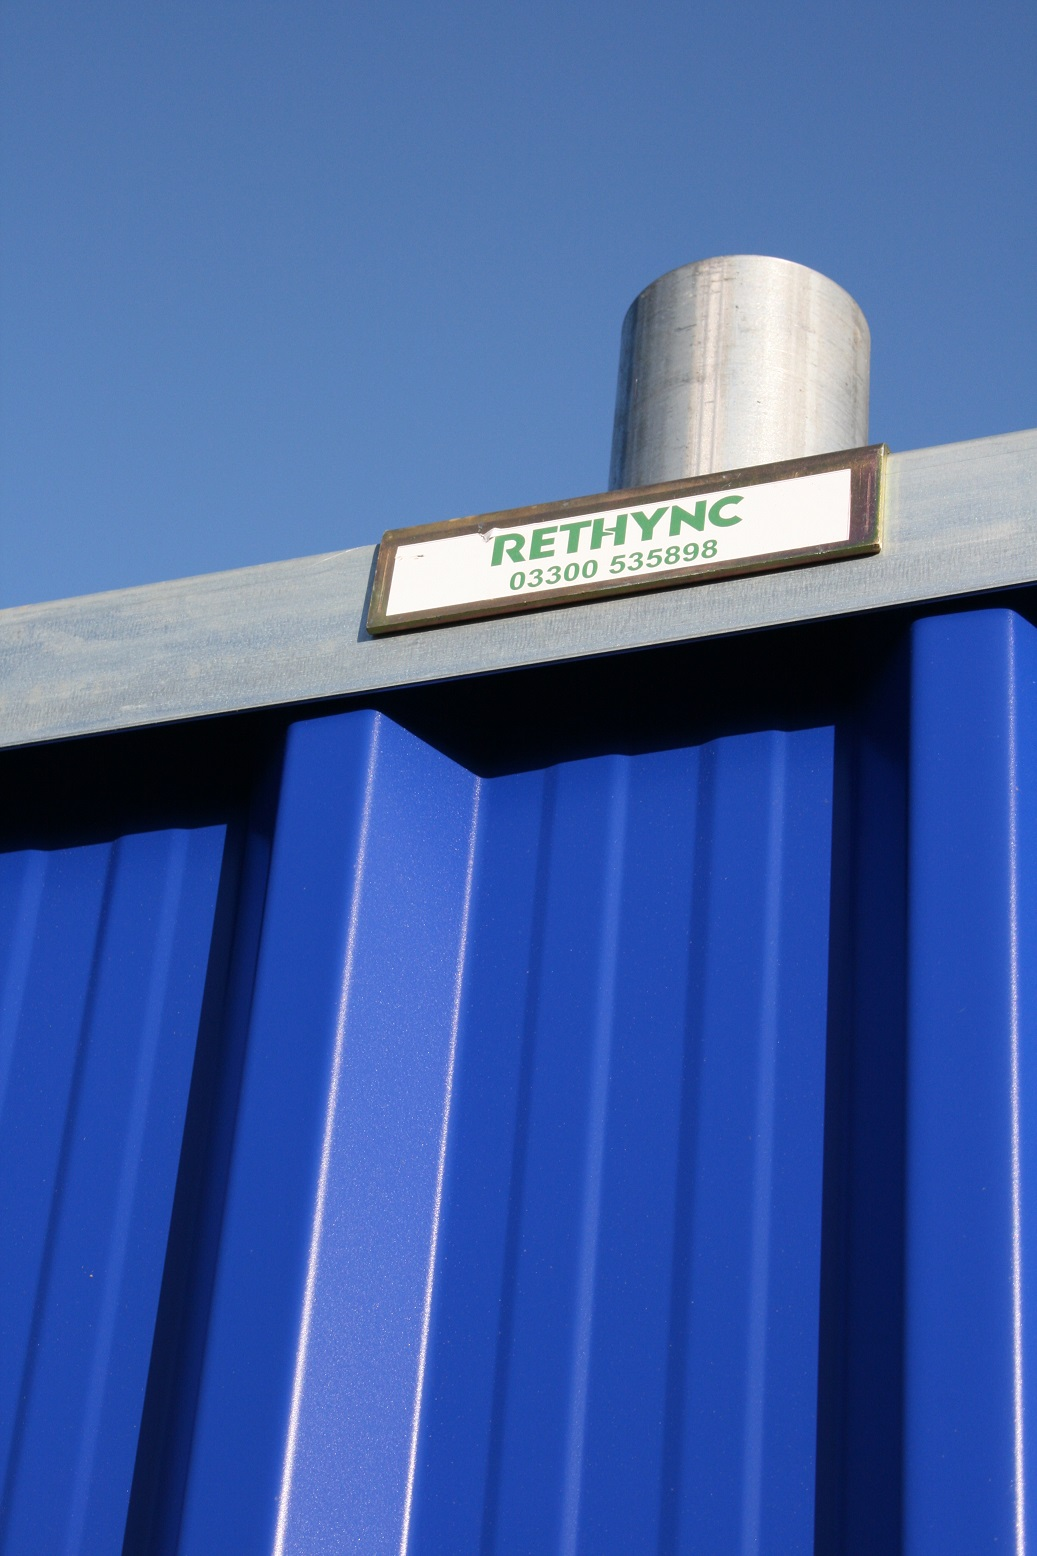 Rethync Multisite